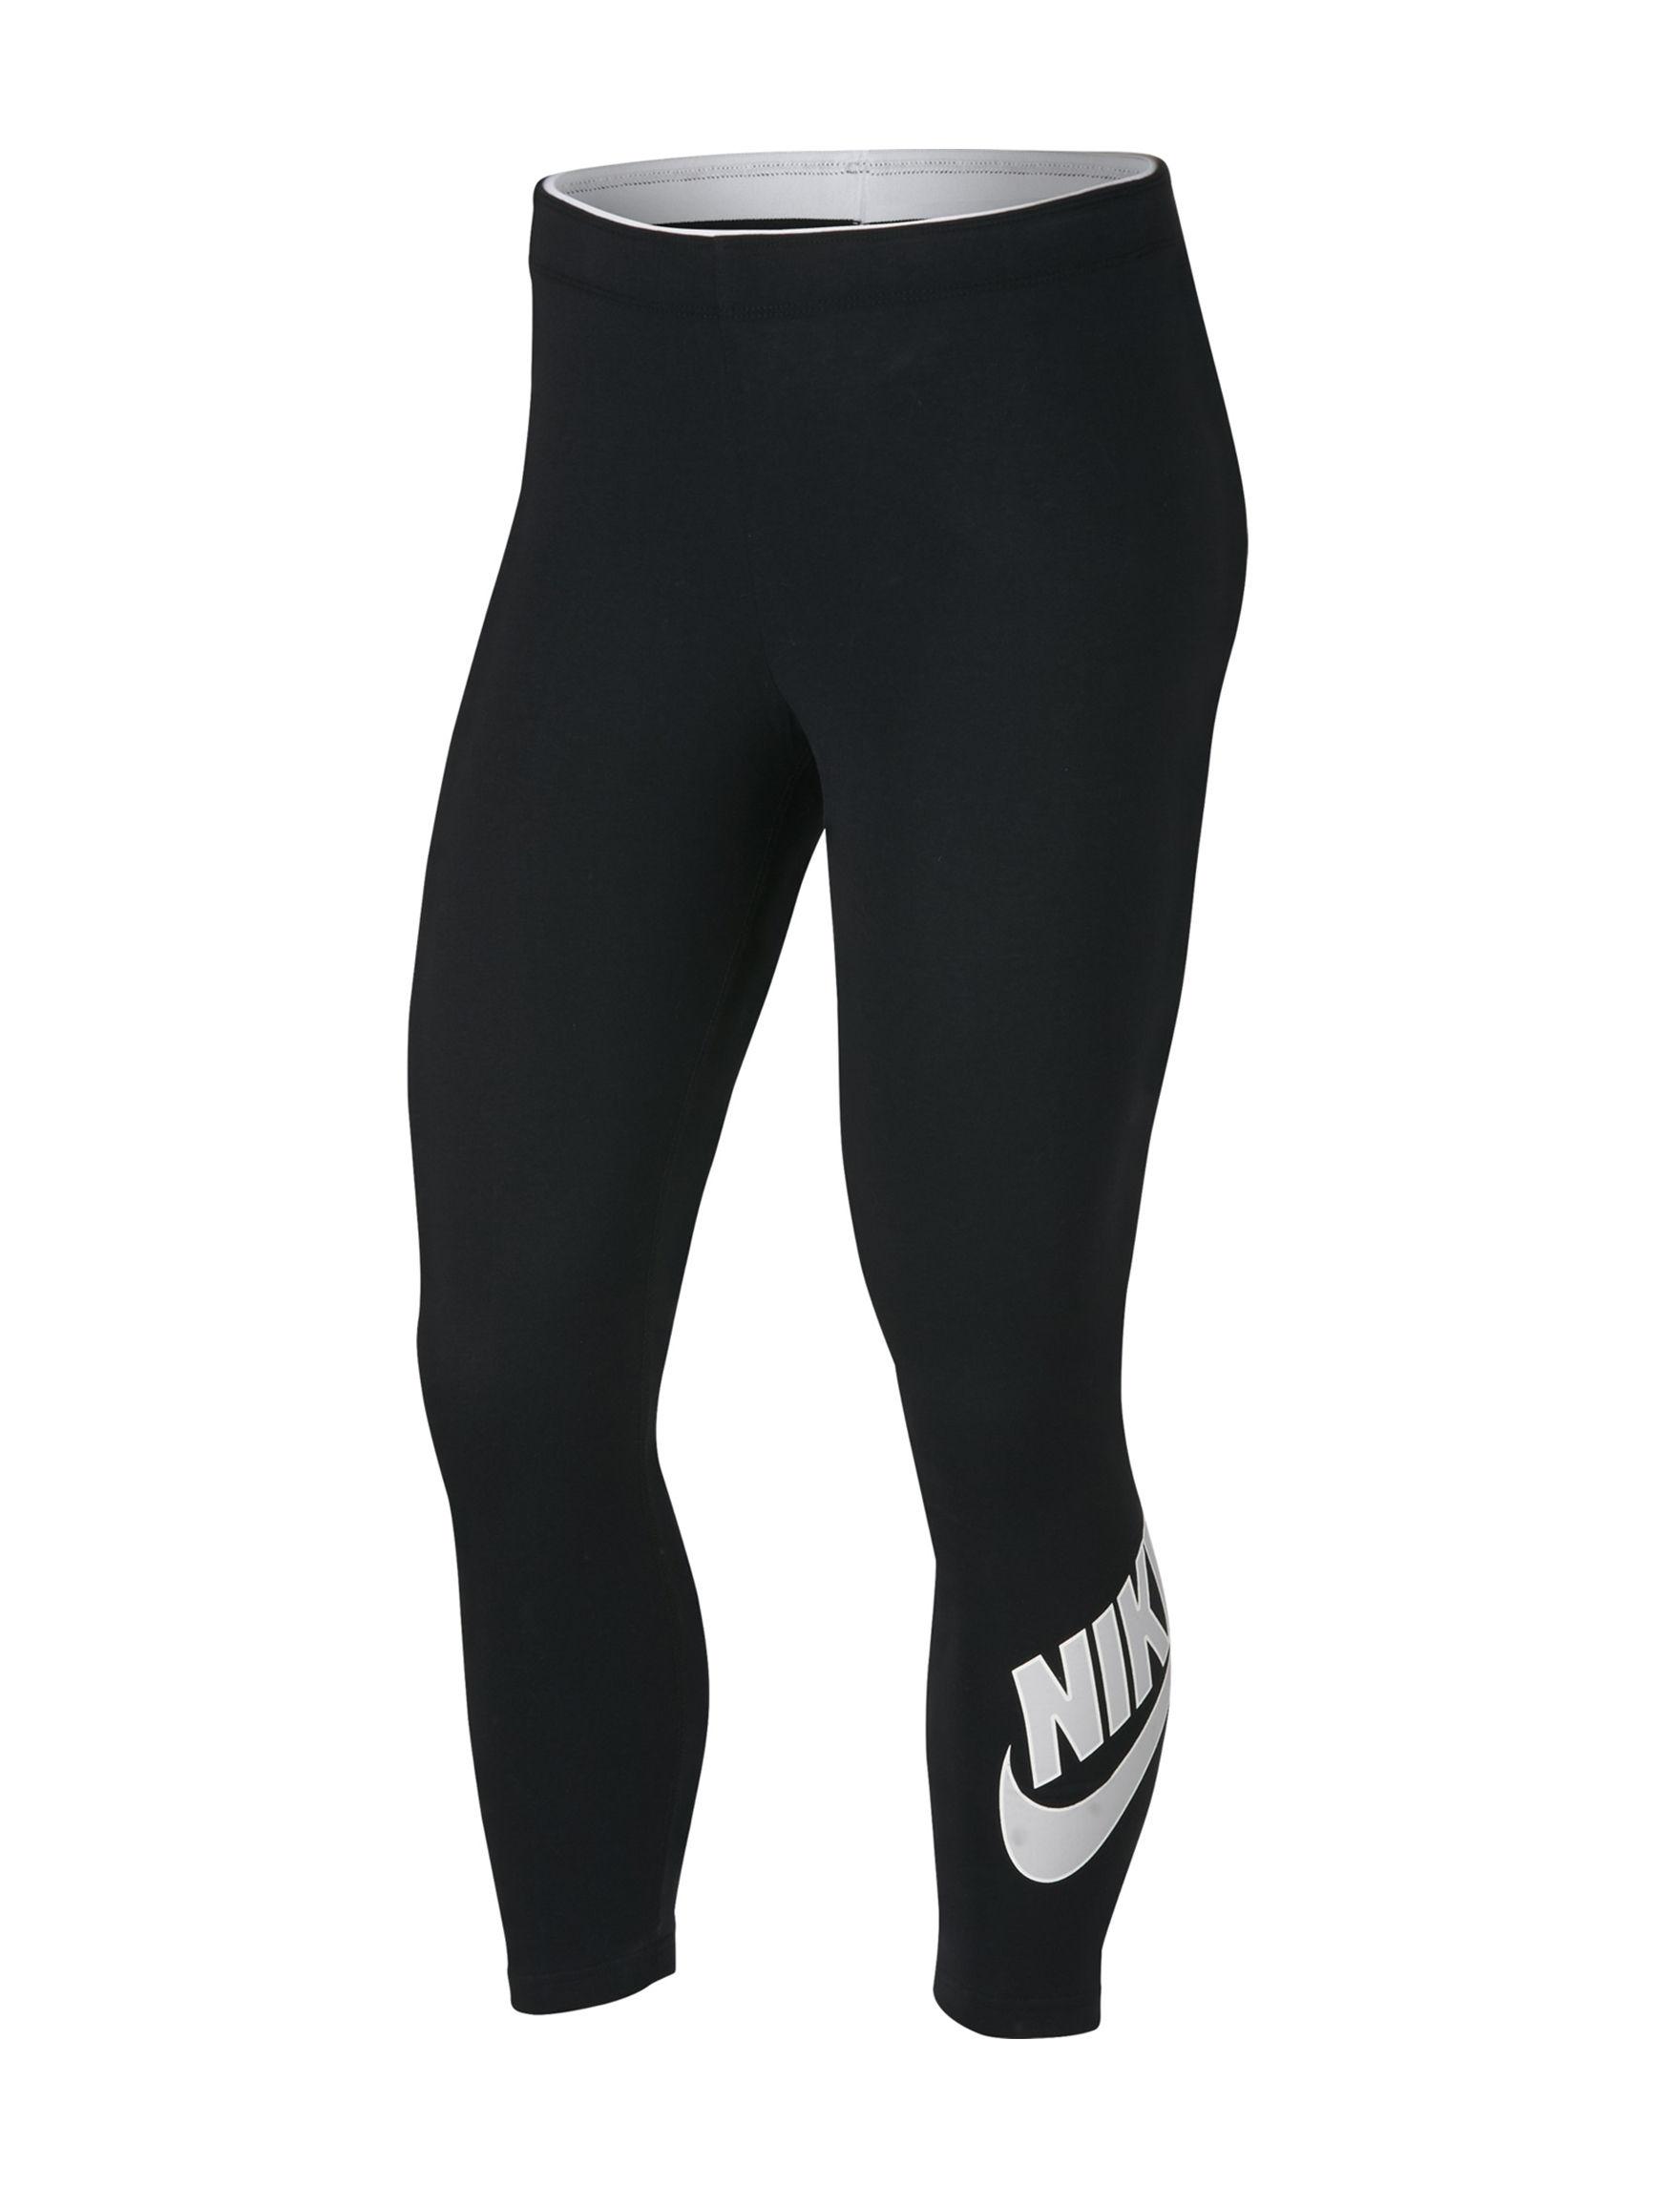 Nike White / Black Leggings